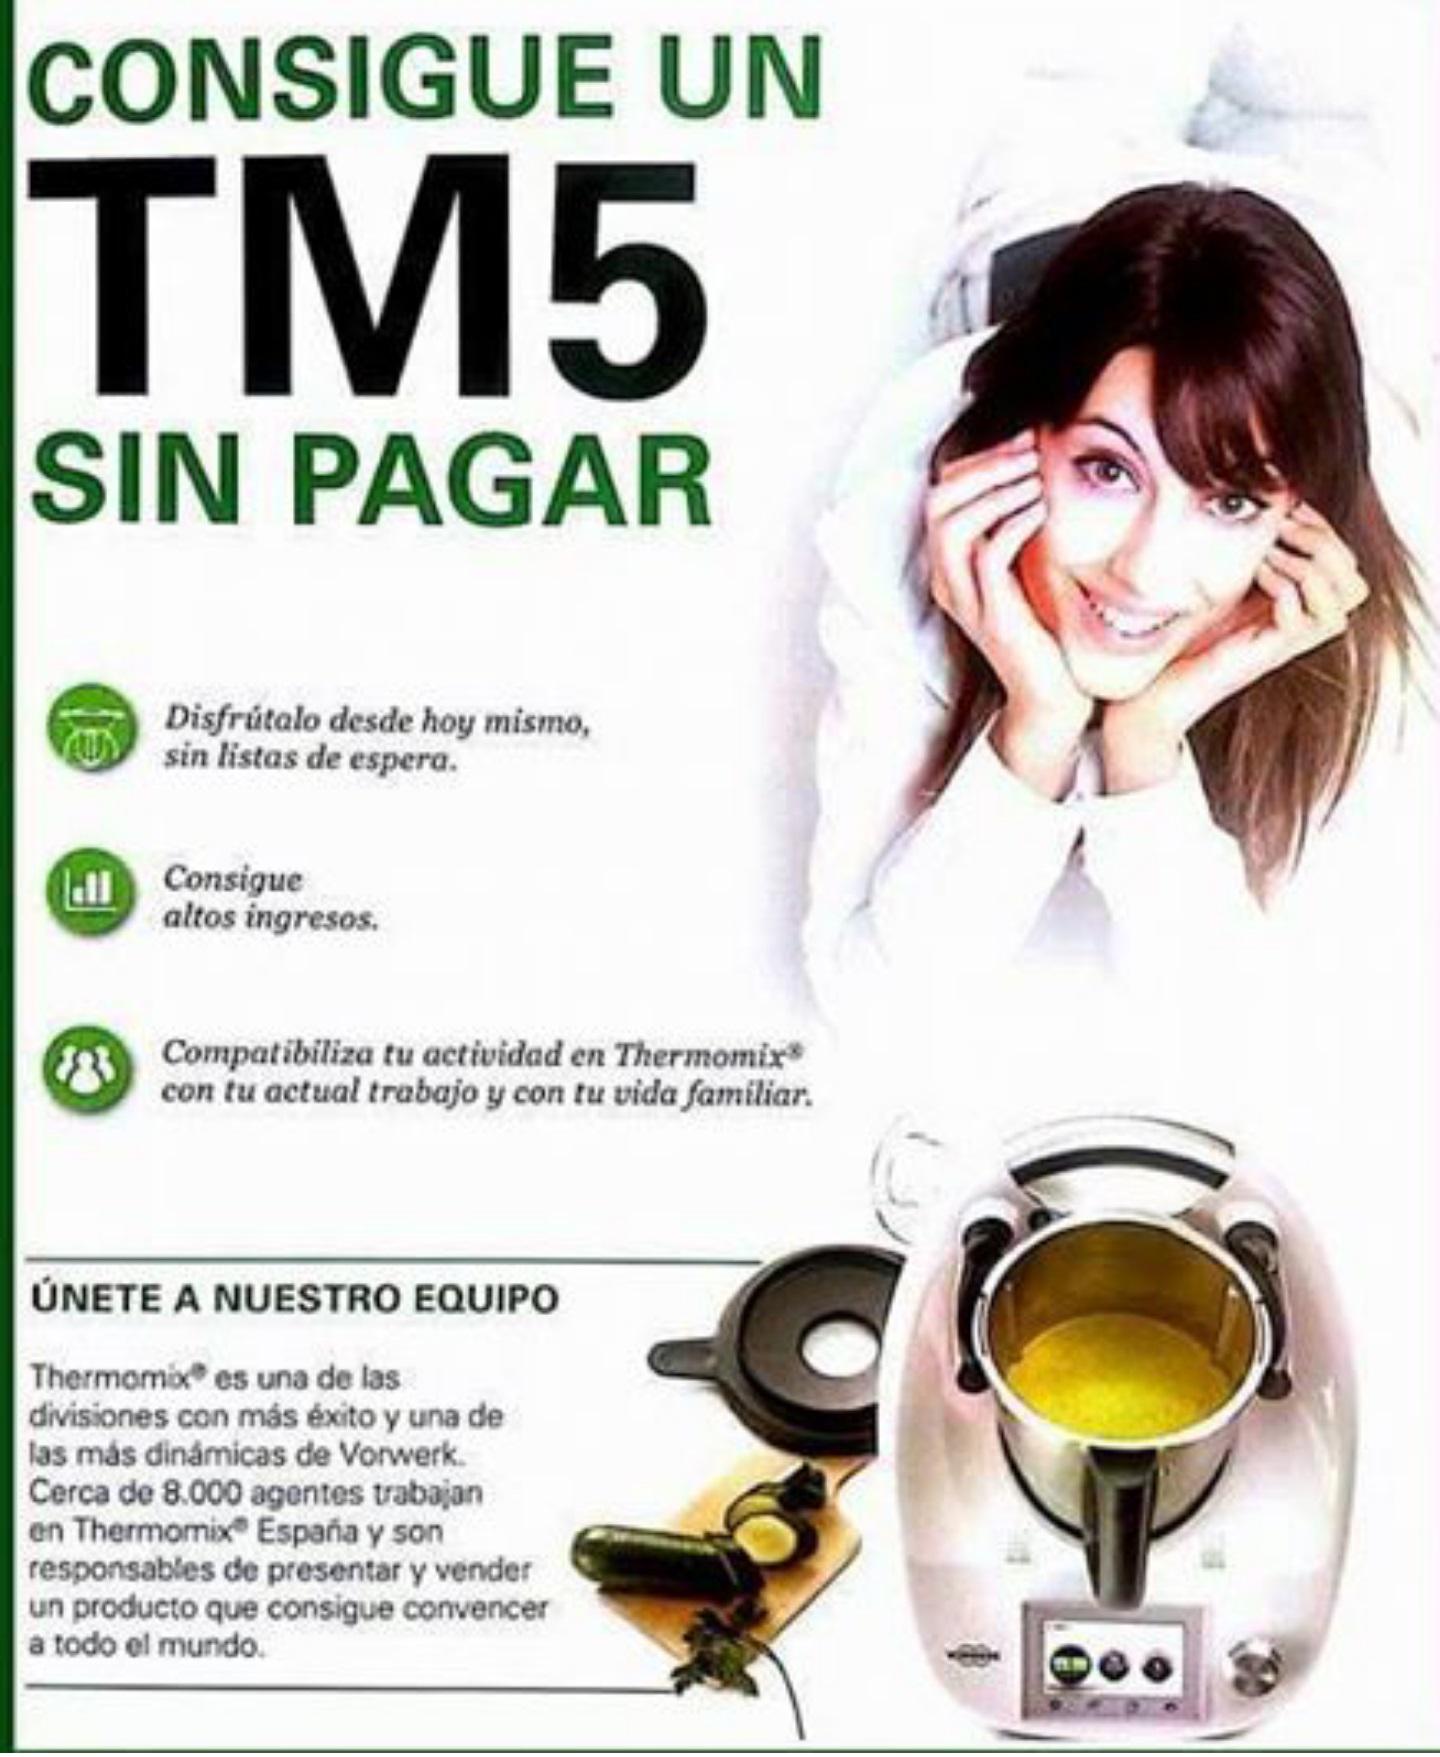 TM5 Sin Pagar